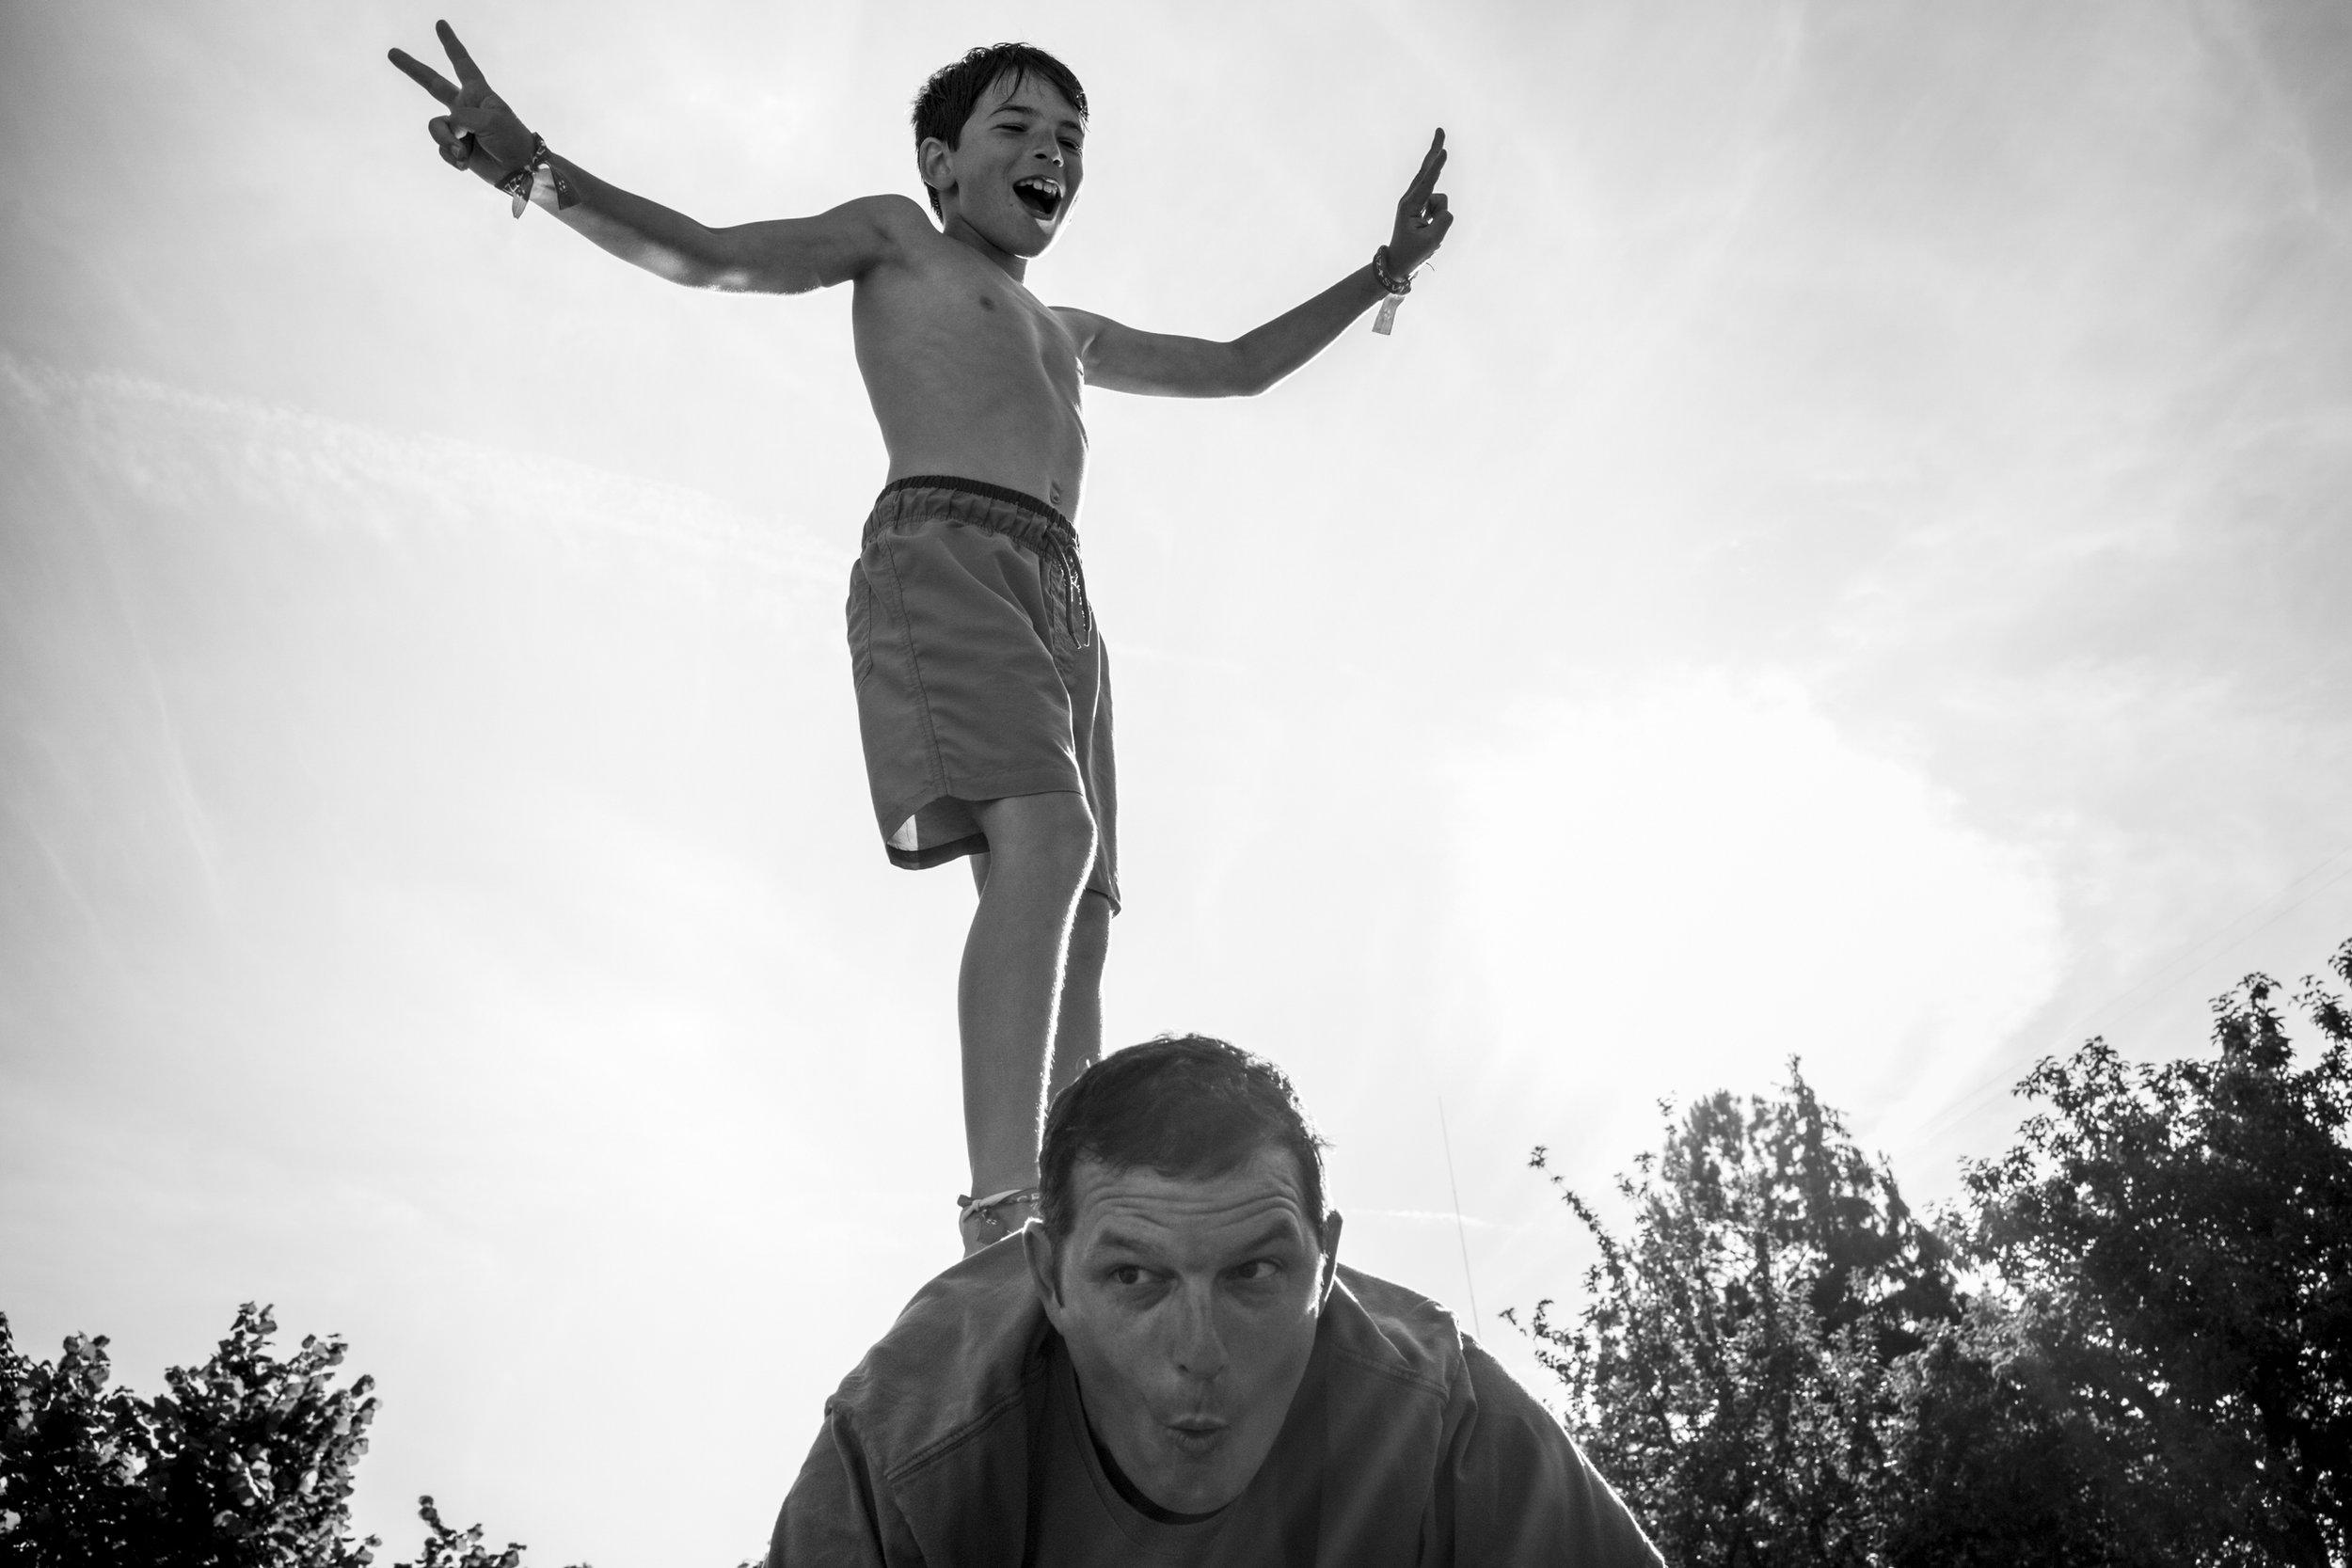 Eine Familienreportage im Sommer draussen am Pool mit zwei befreundeten Familien - die richtige Mischung! Familienfotografin Julia Erz zeigt Bilder eines sehr warmen Sommertages. Im Rahmen der dokumentarischen Familienfotografie entstehen herrlich wunderbar entspannte Familienfotos.